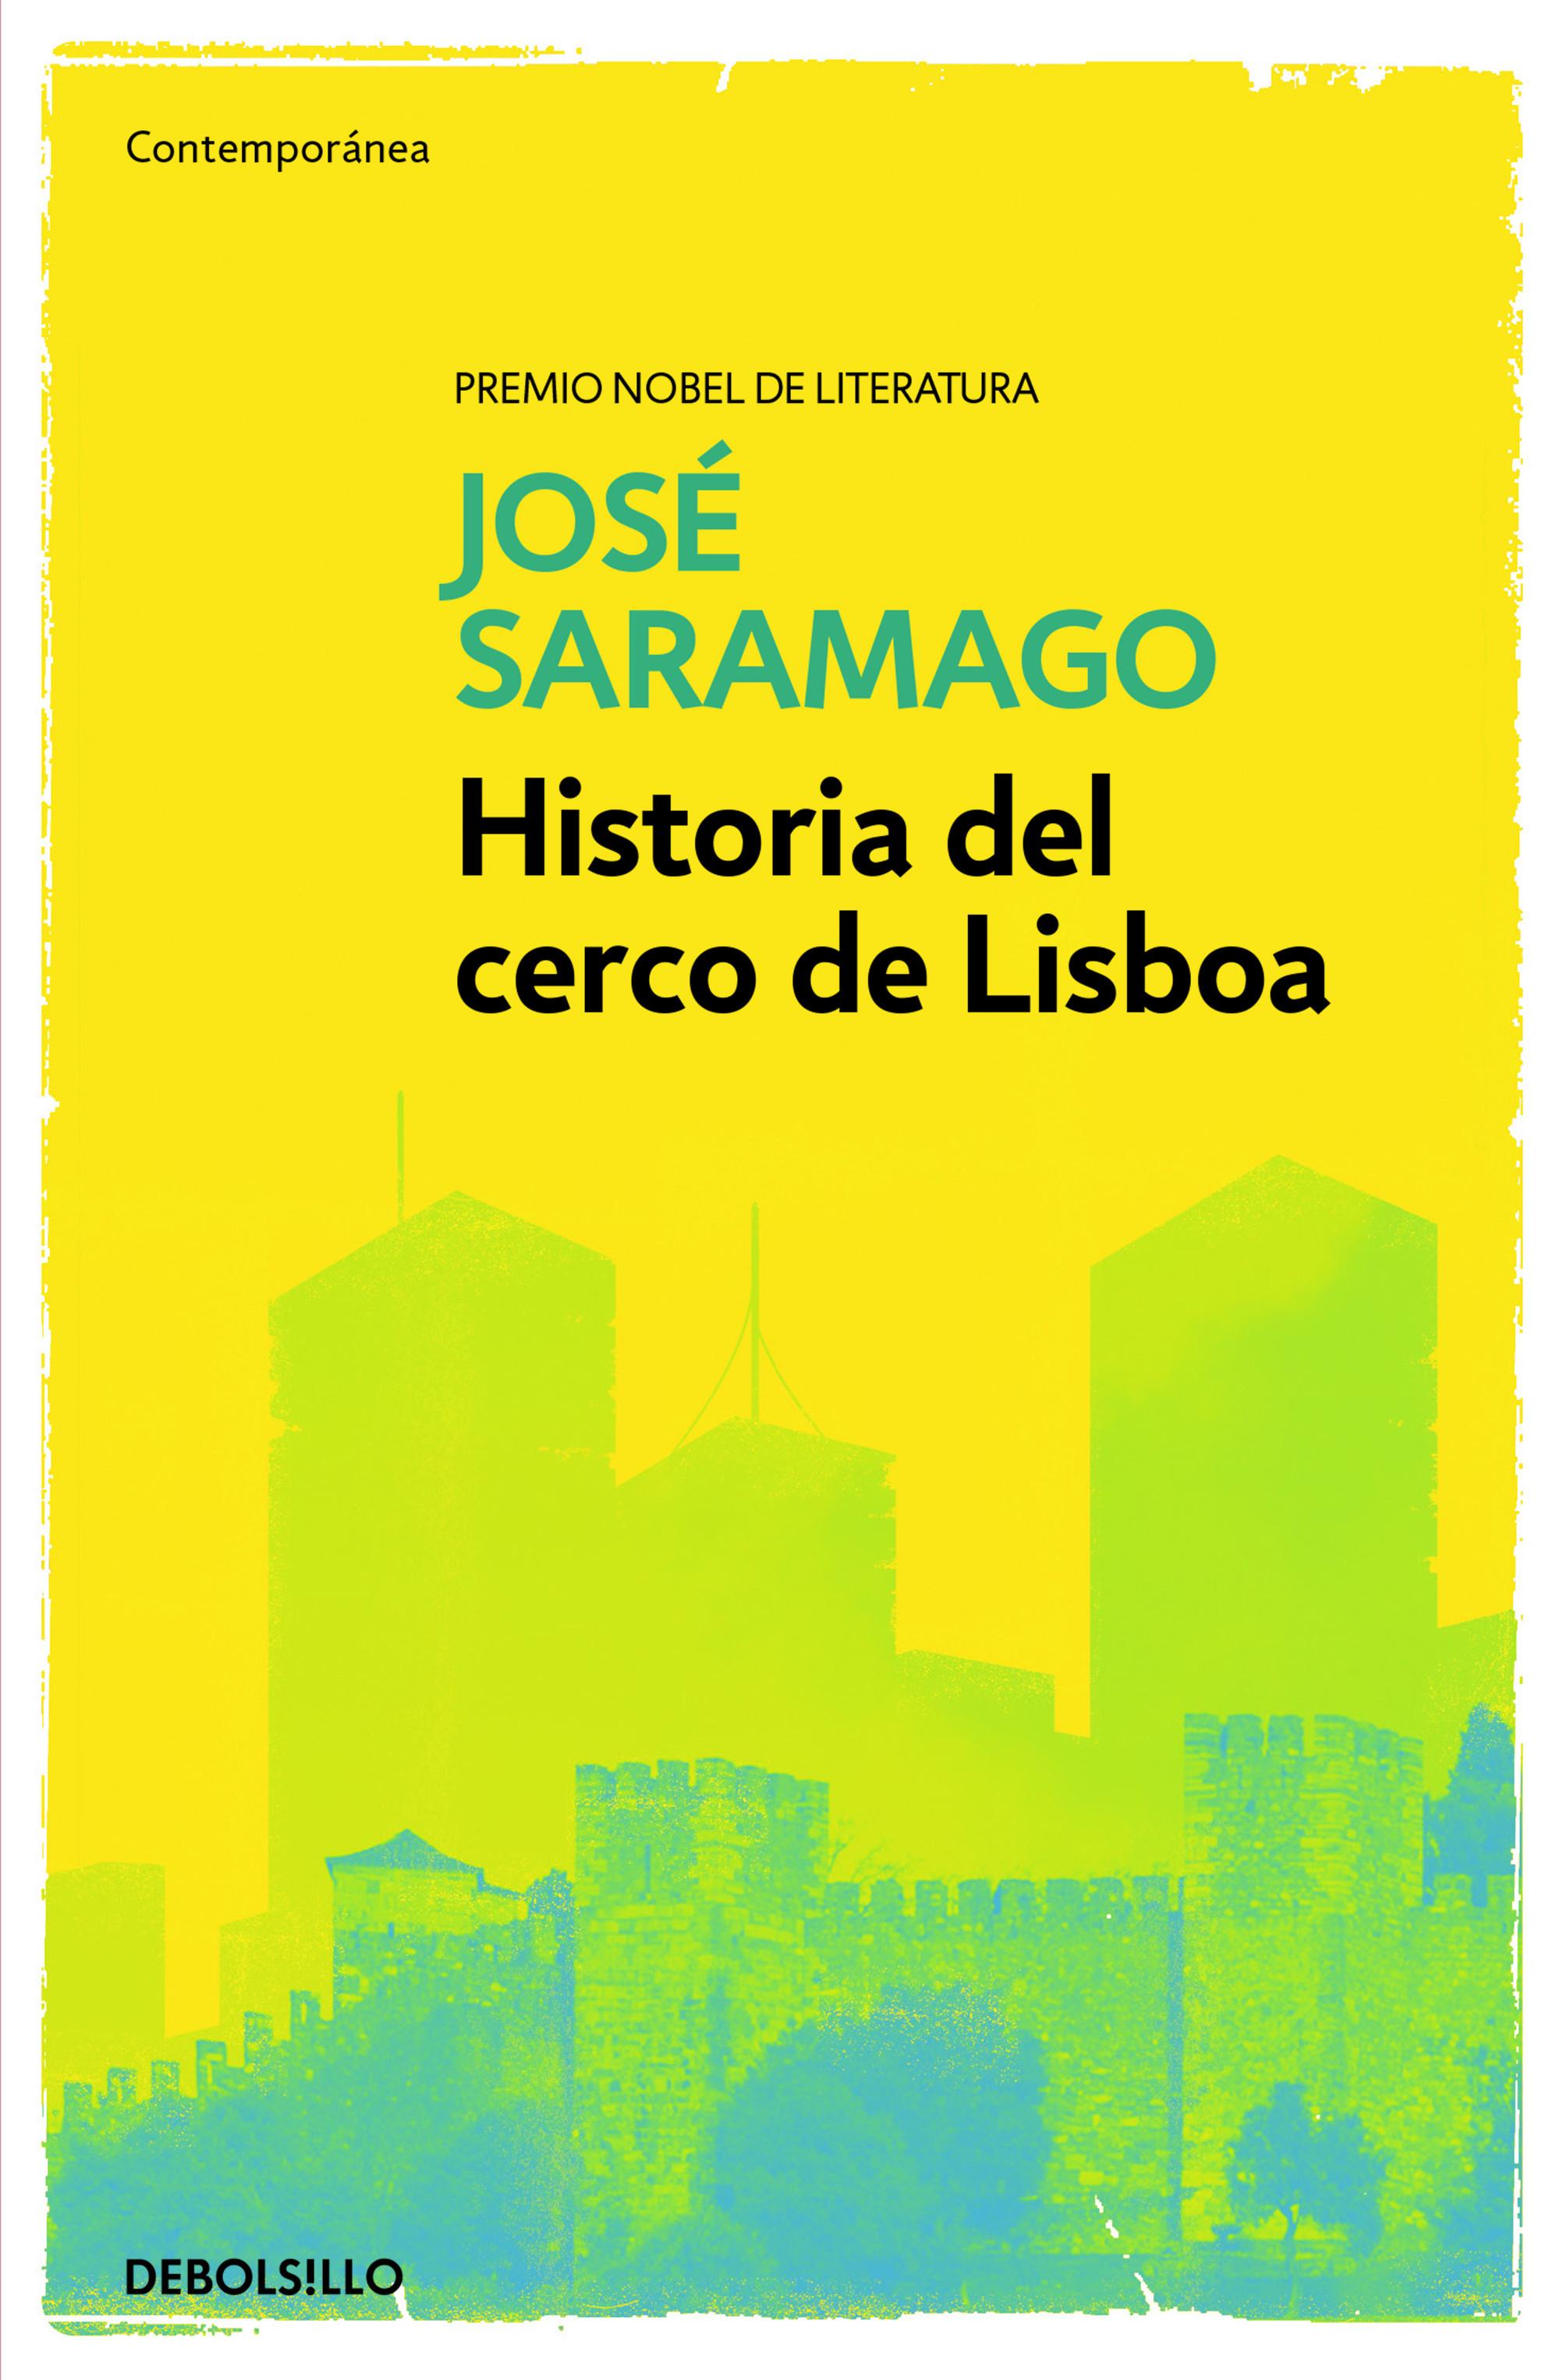 Historia del cerco de Lisboa